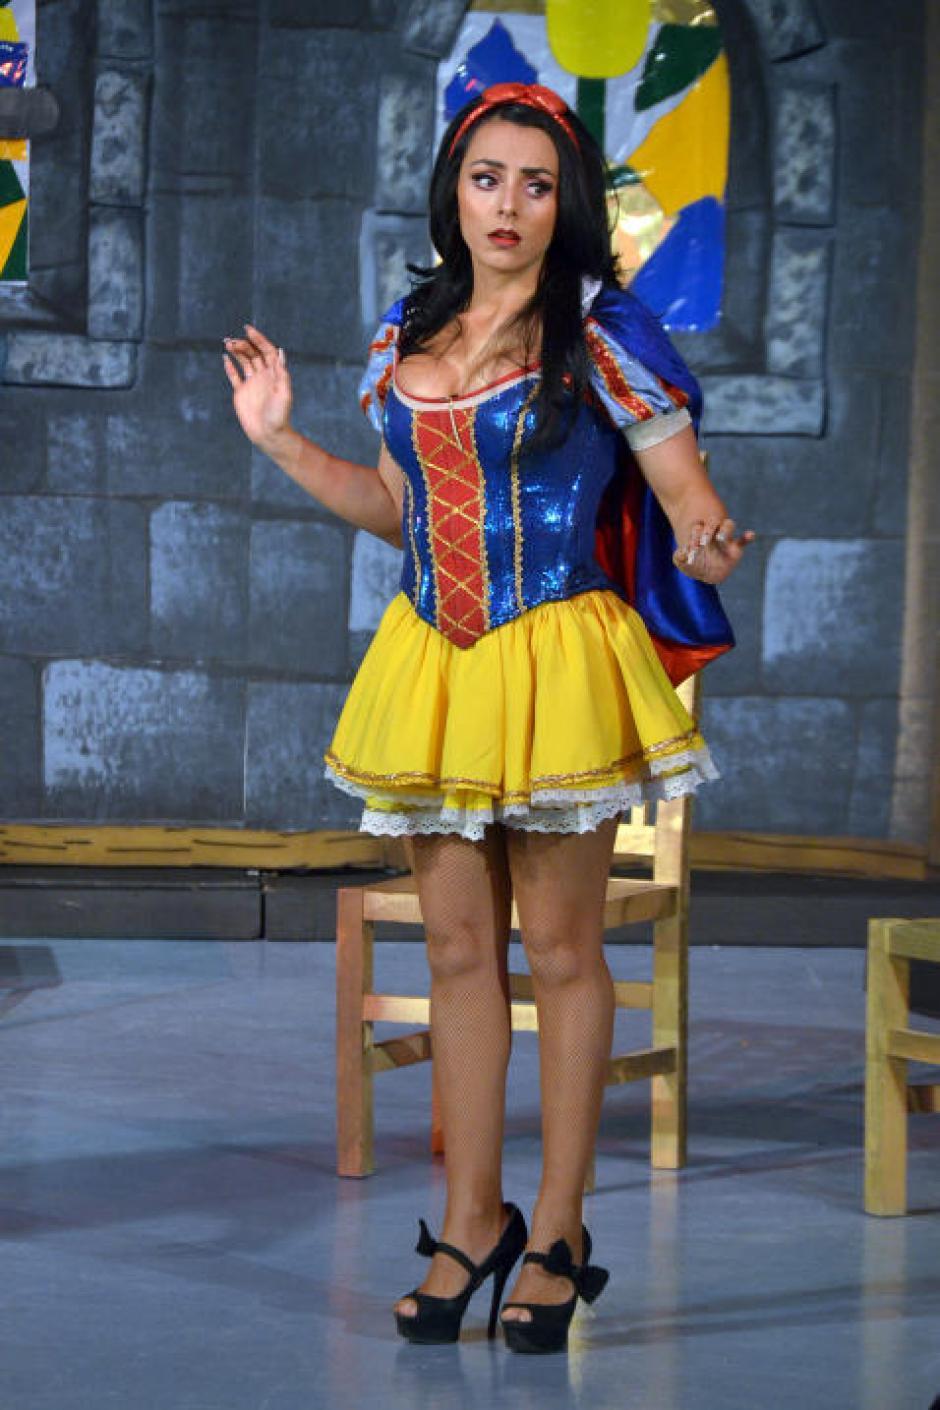 Montero encarna a Blanca Nieves en una obra de teatro en México. (Foto: Mezcalent/Univisión)